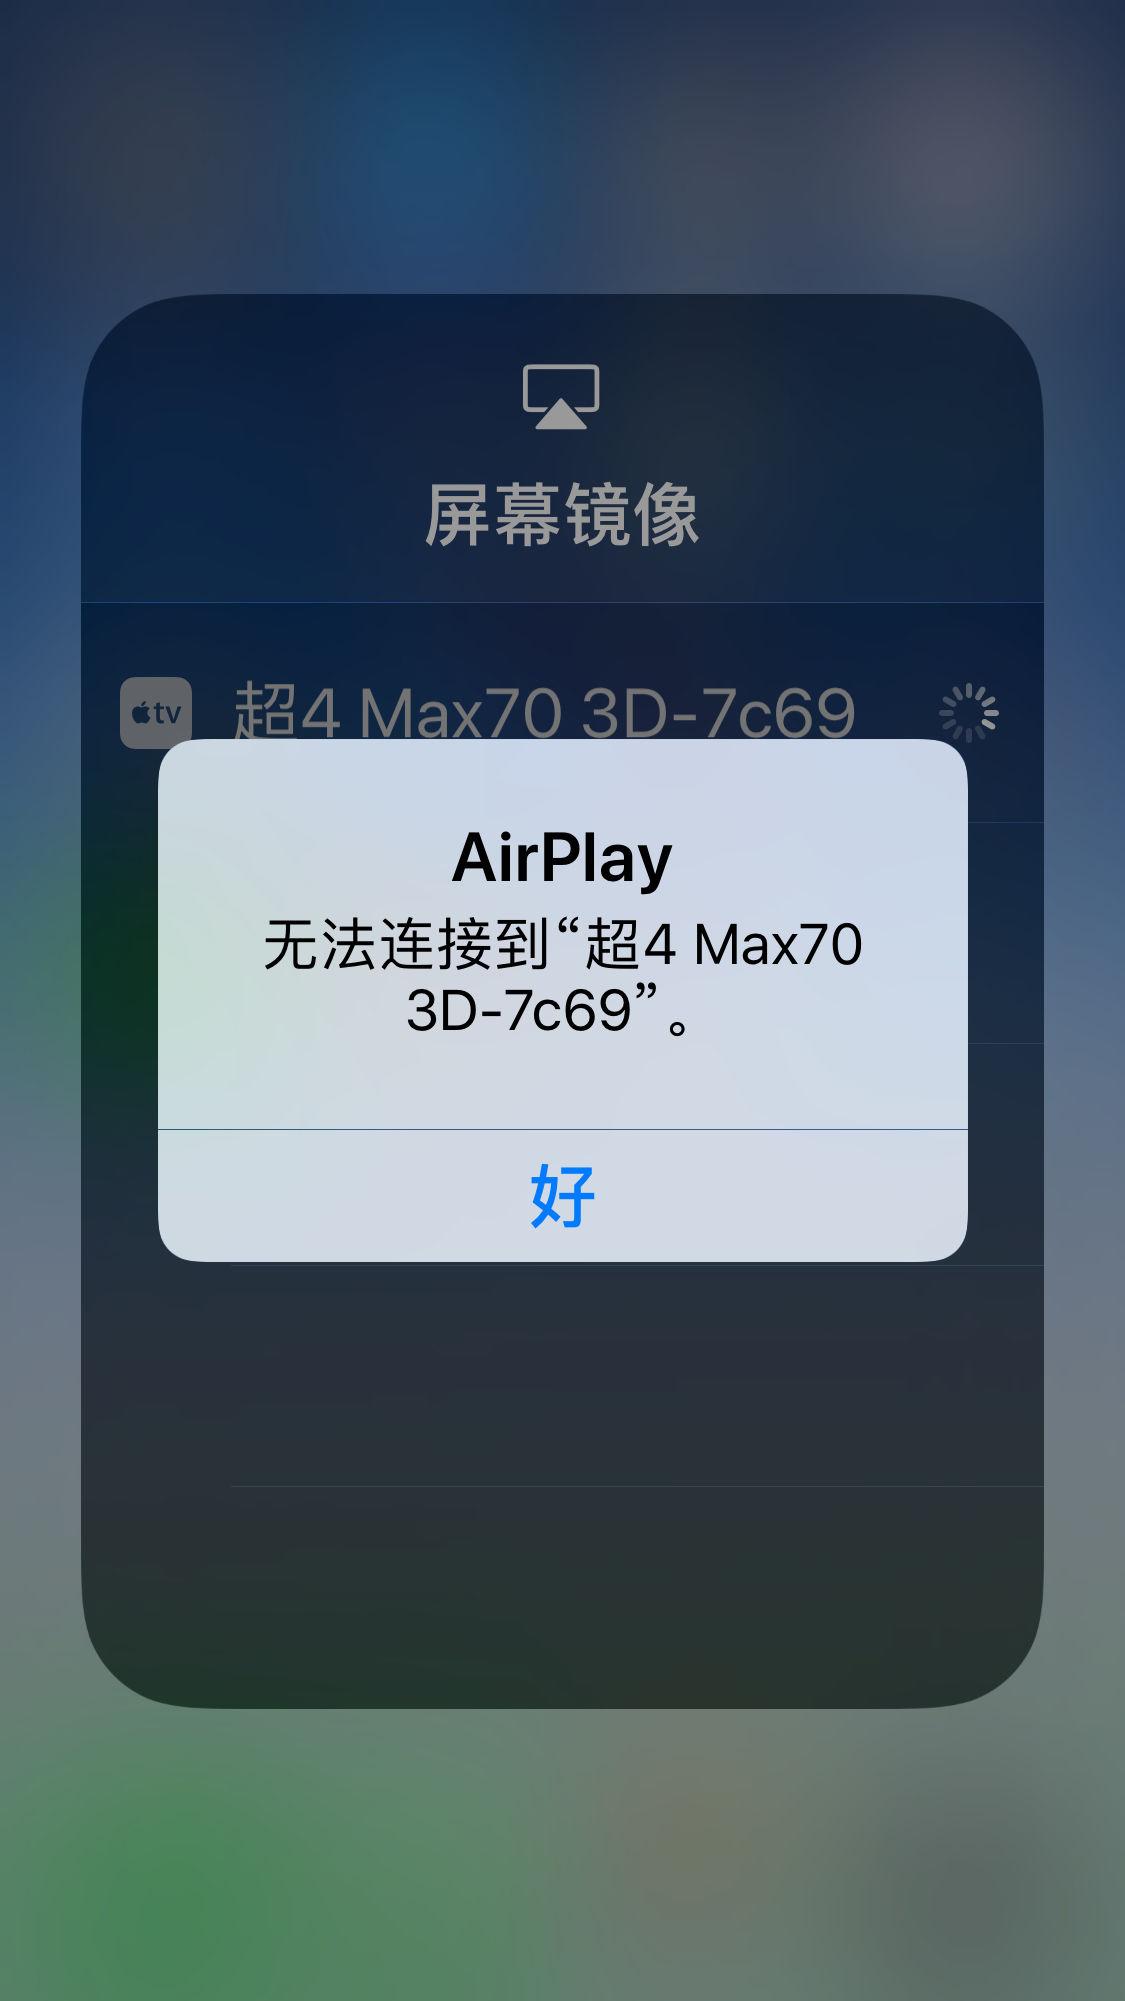 苹果6S plus升级到ios11后,屏幕镜像打开出现无